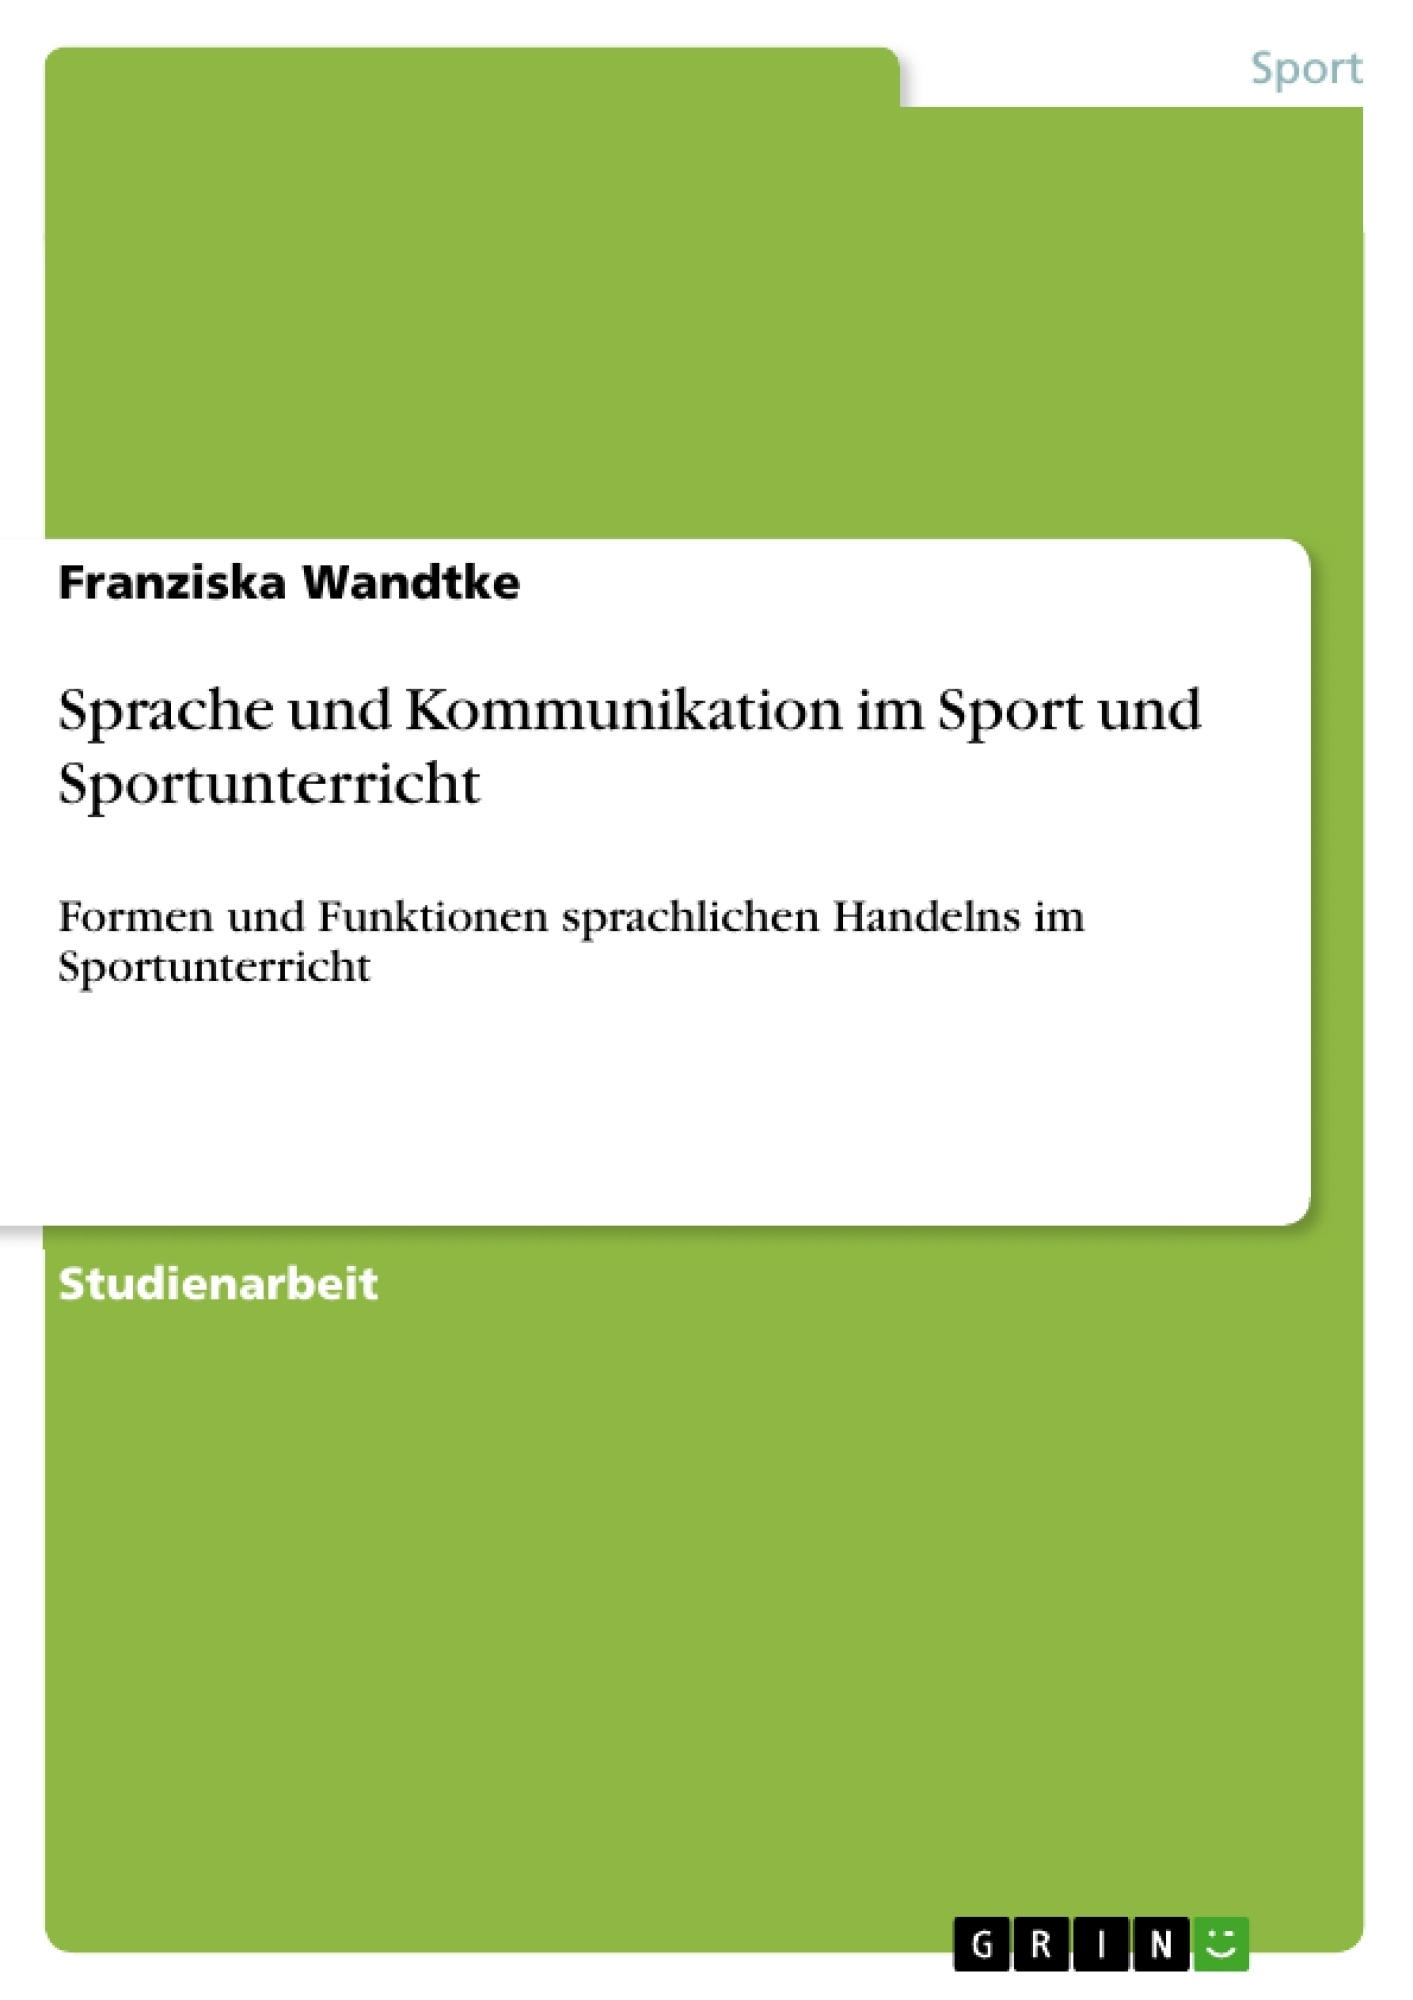 Titel: Sprache und Kommunikation im Sport und Sportunterricht